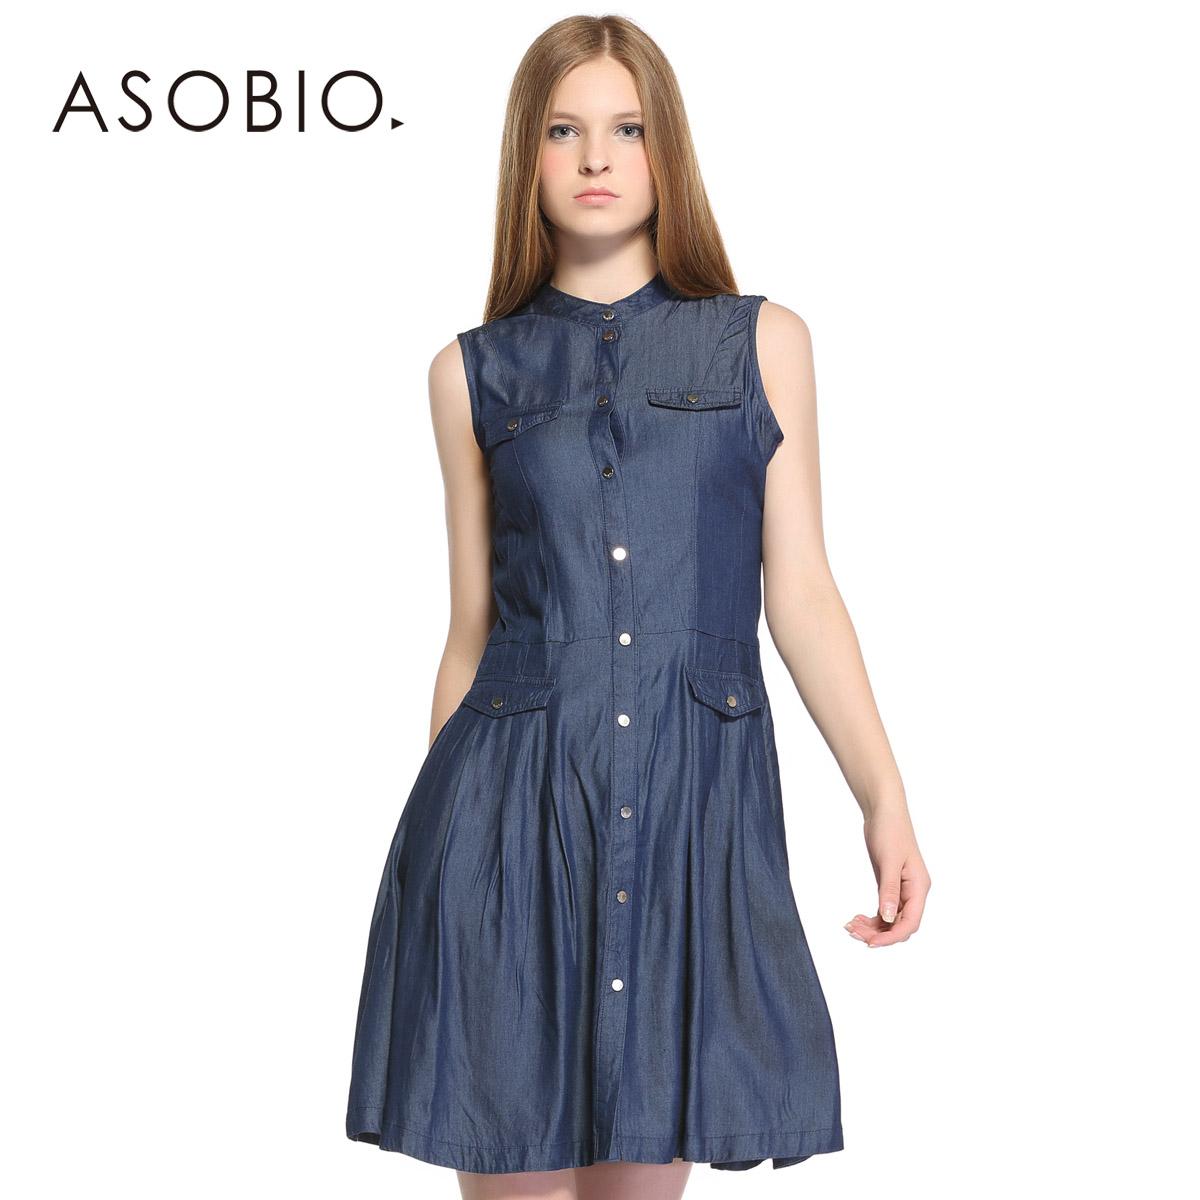 asobio牛仔连衣裙图片